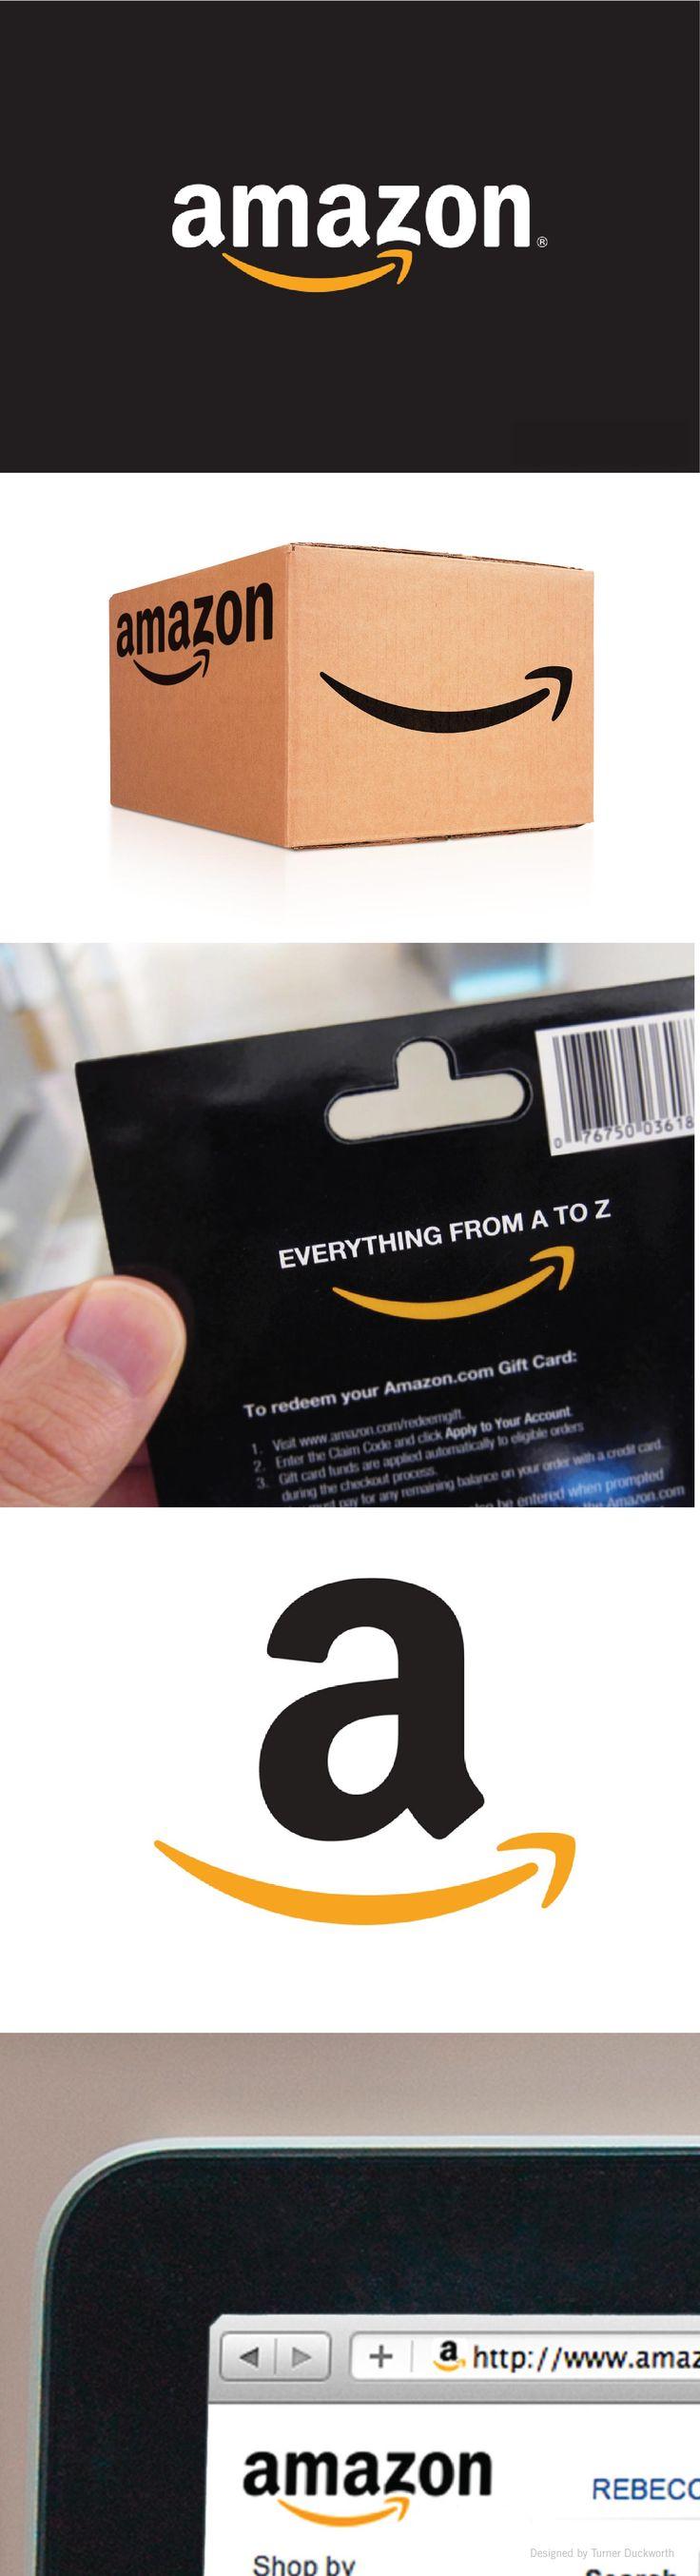 Amazon visual identity. Designed by Turner Duckworth.